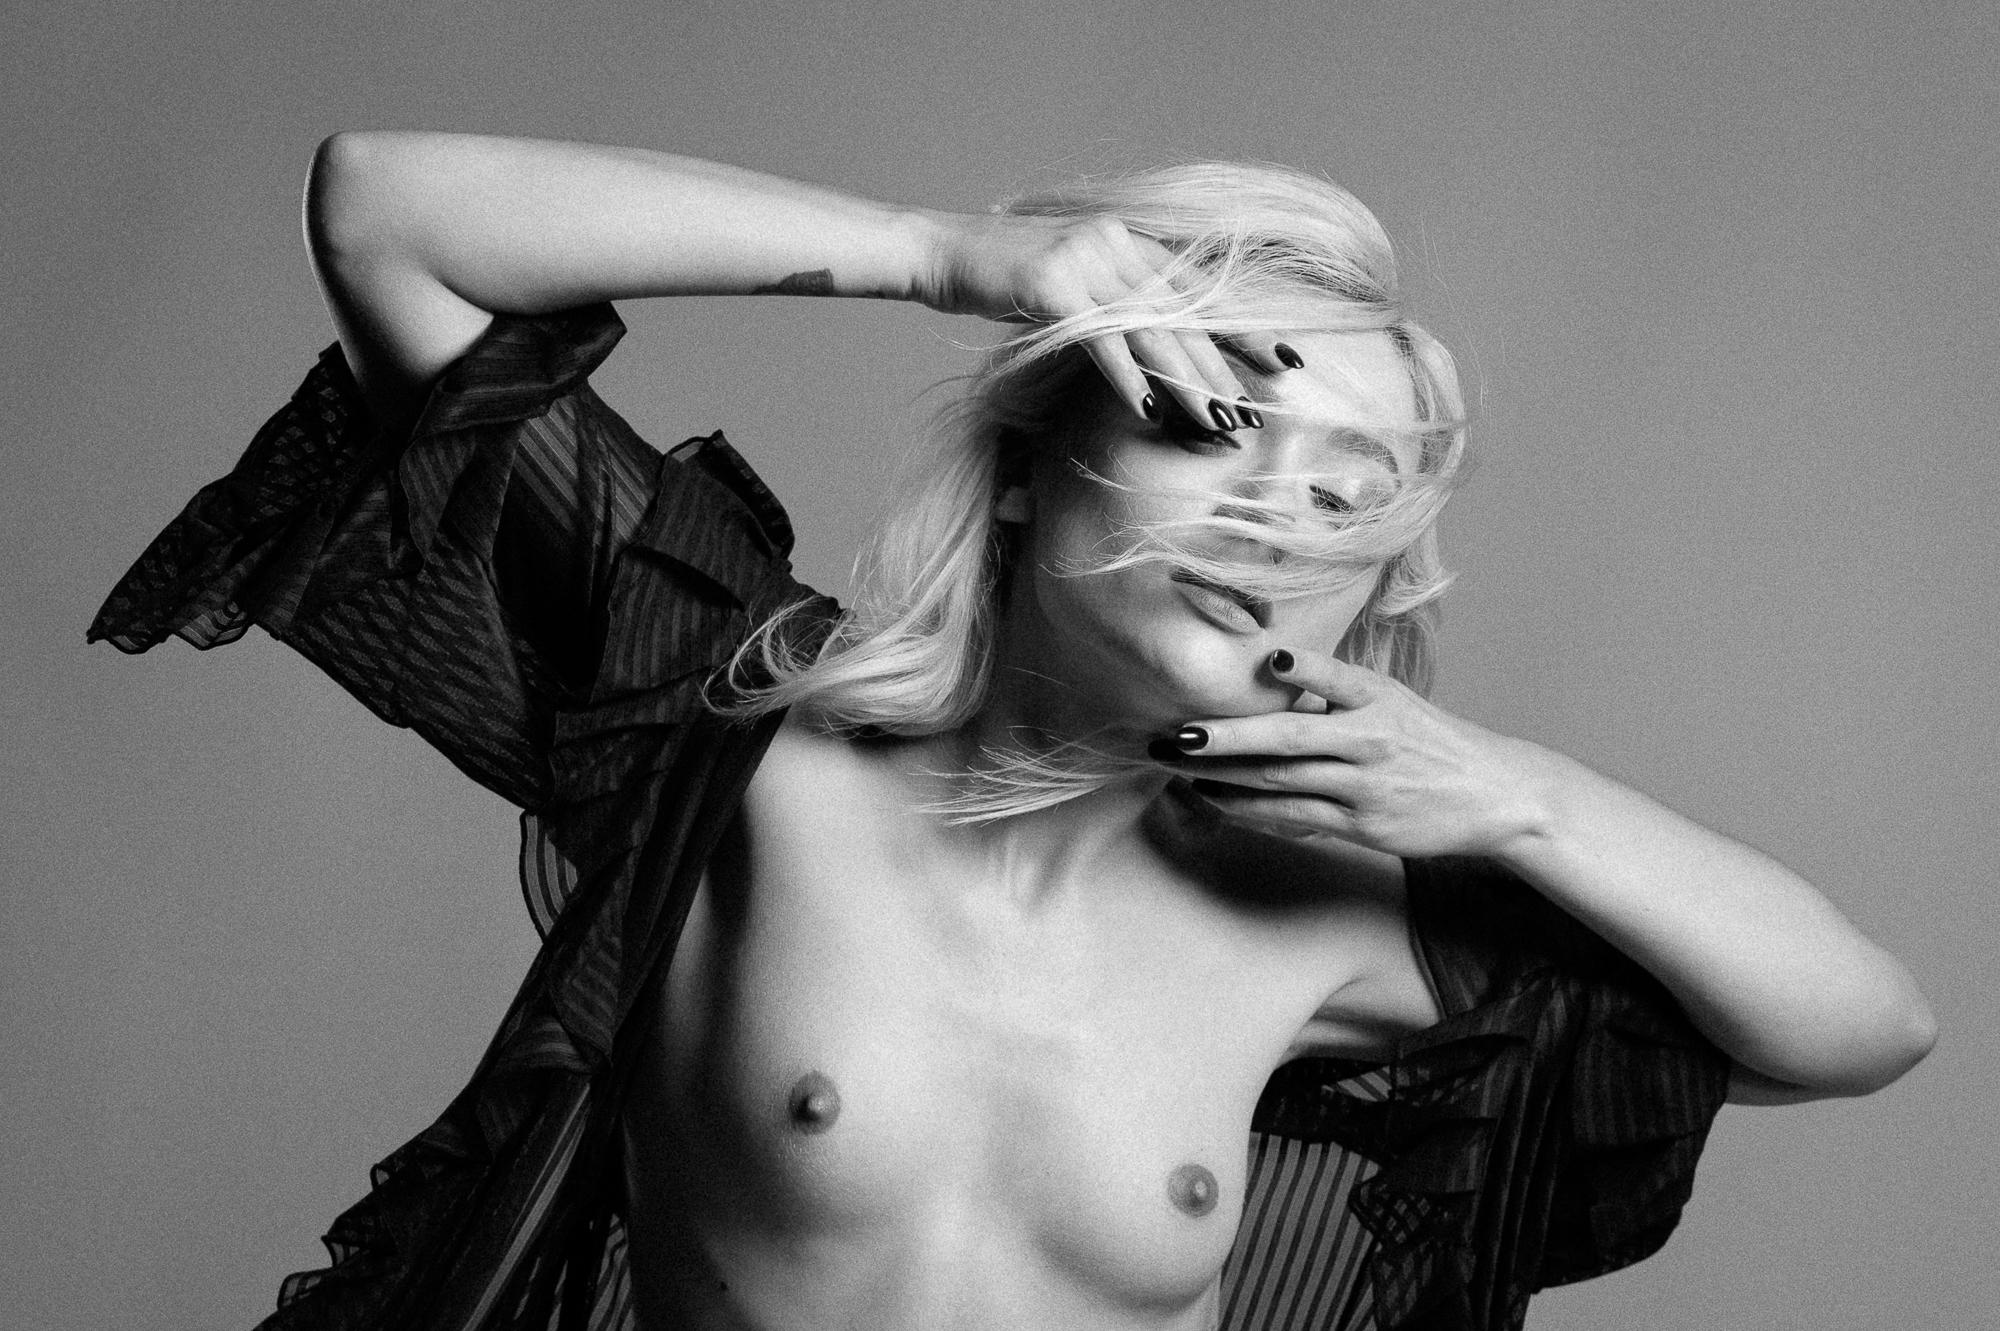 fotograf nud constanta (12)